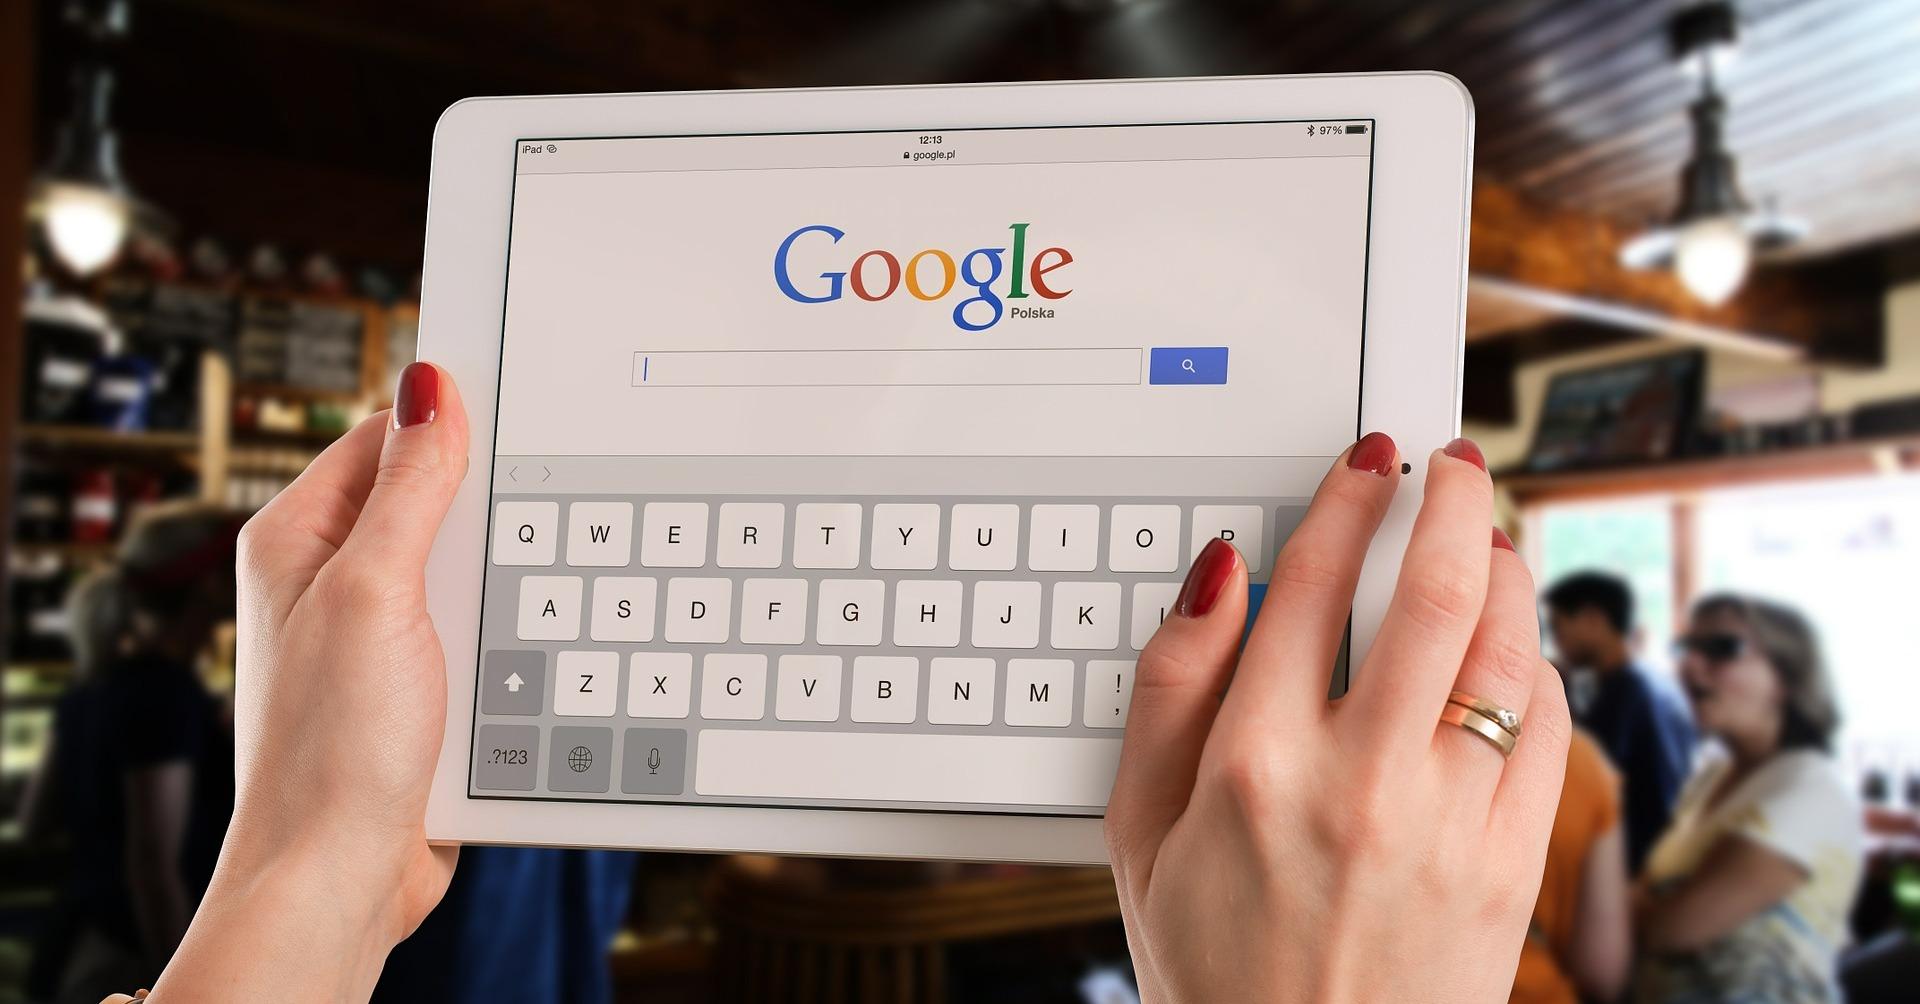 Googlen naar kwaaltjes: we doen het steeds vaker